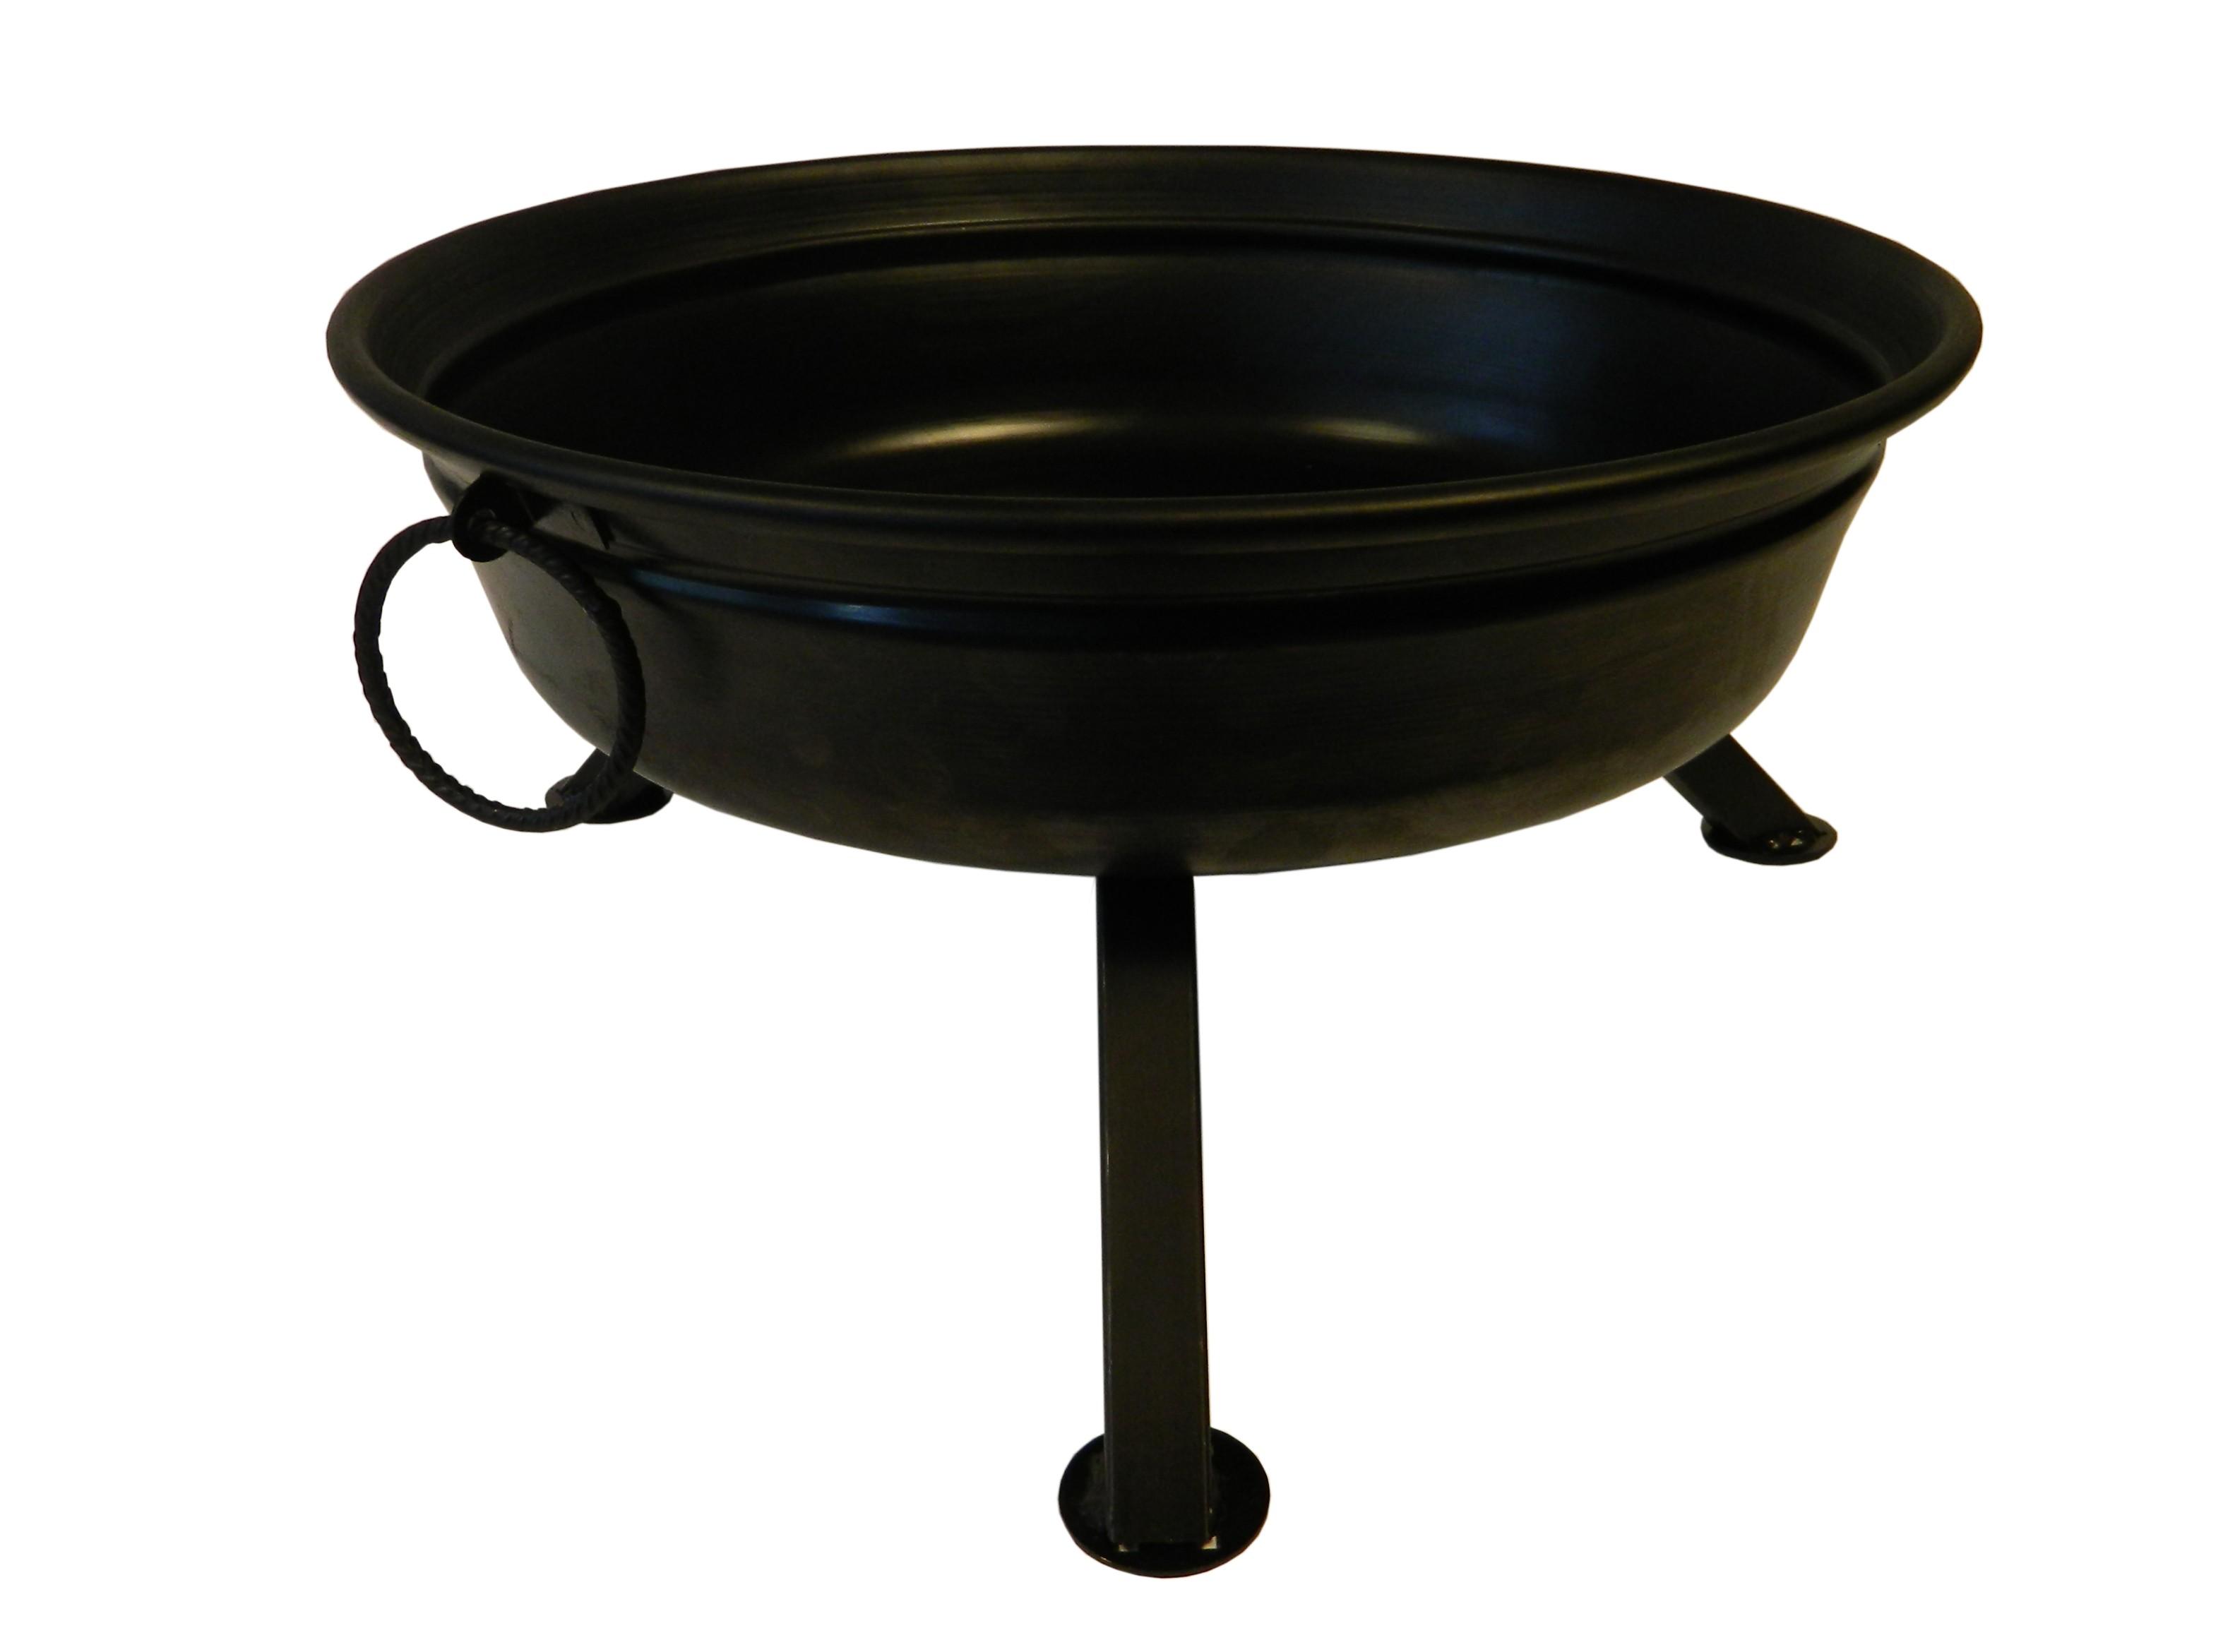 Feuerschale Standard Ø 60cm Stahl schwarz Bild 1